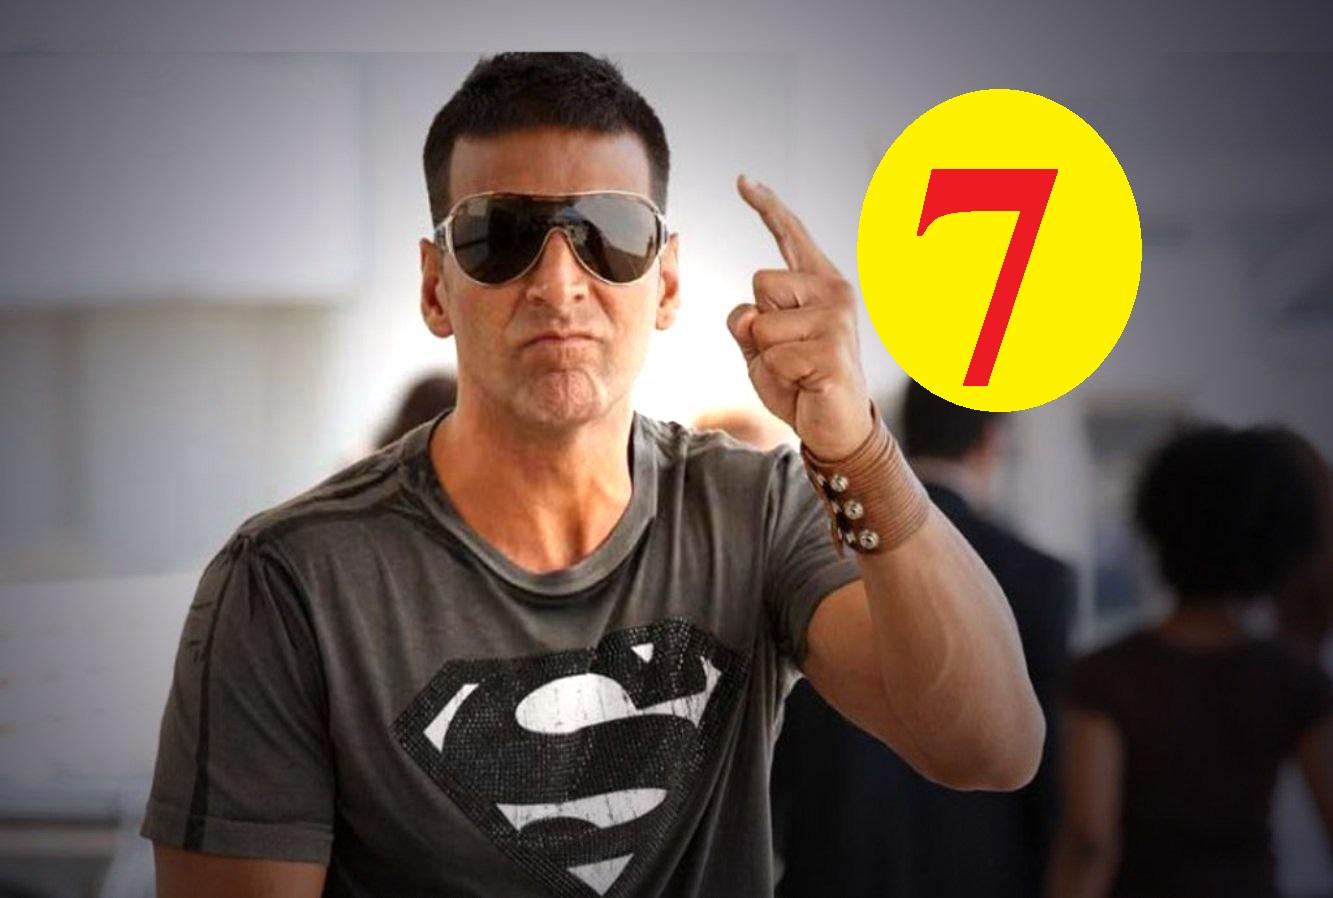 बॉलीवुड के इन 7 अभिनेताओं से कोई पंगा लेना नहीं चाहता, नंबर 3 है सबसे ज्यादा गुस्सैल